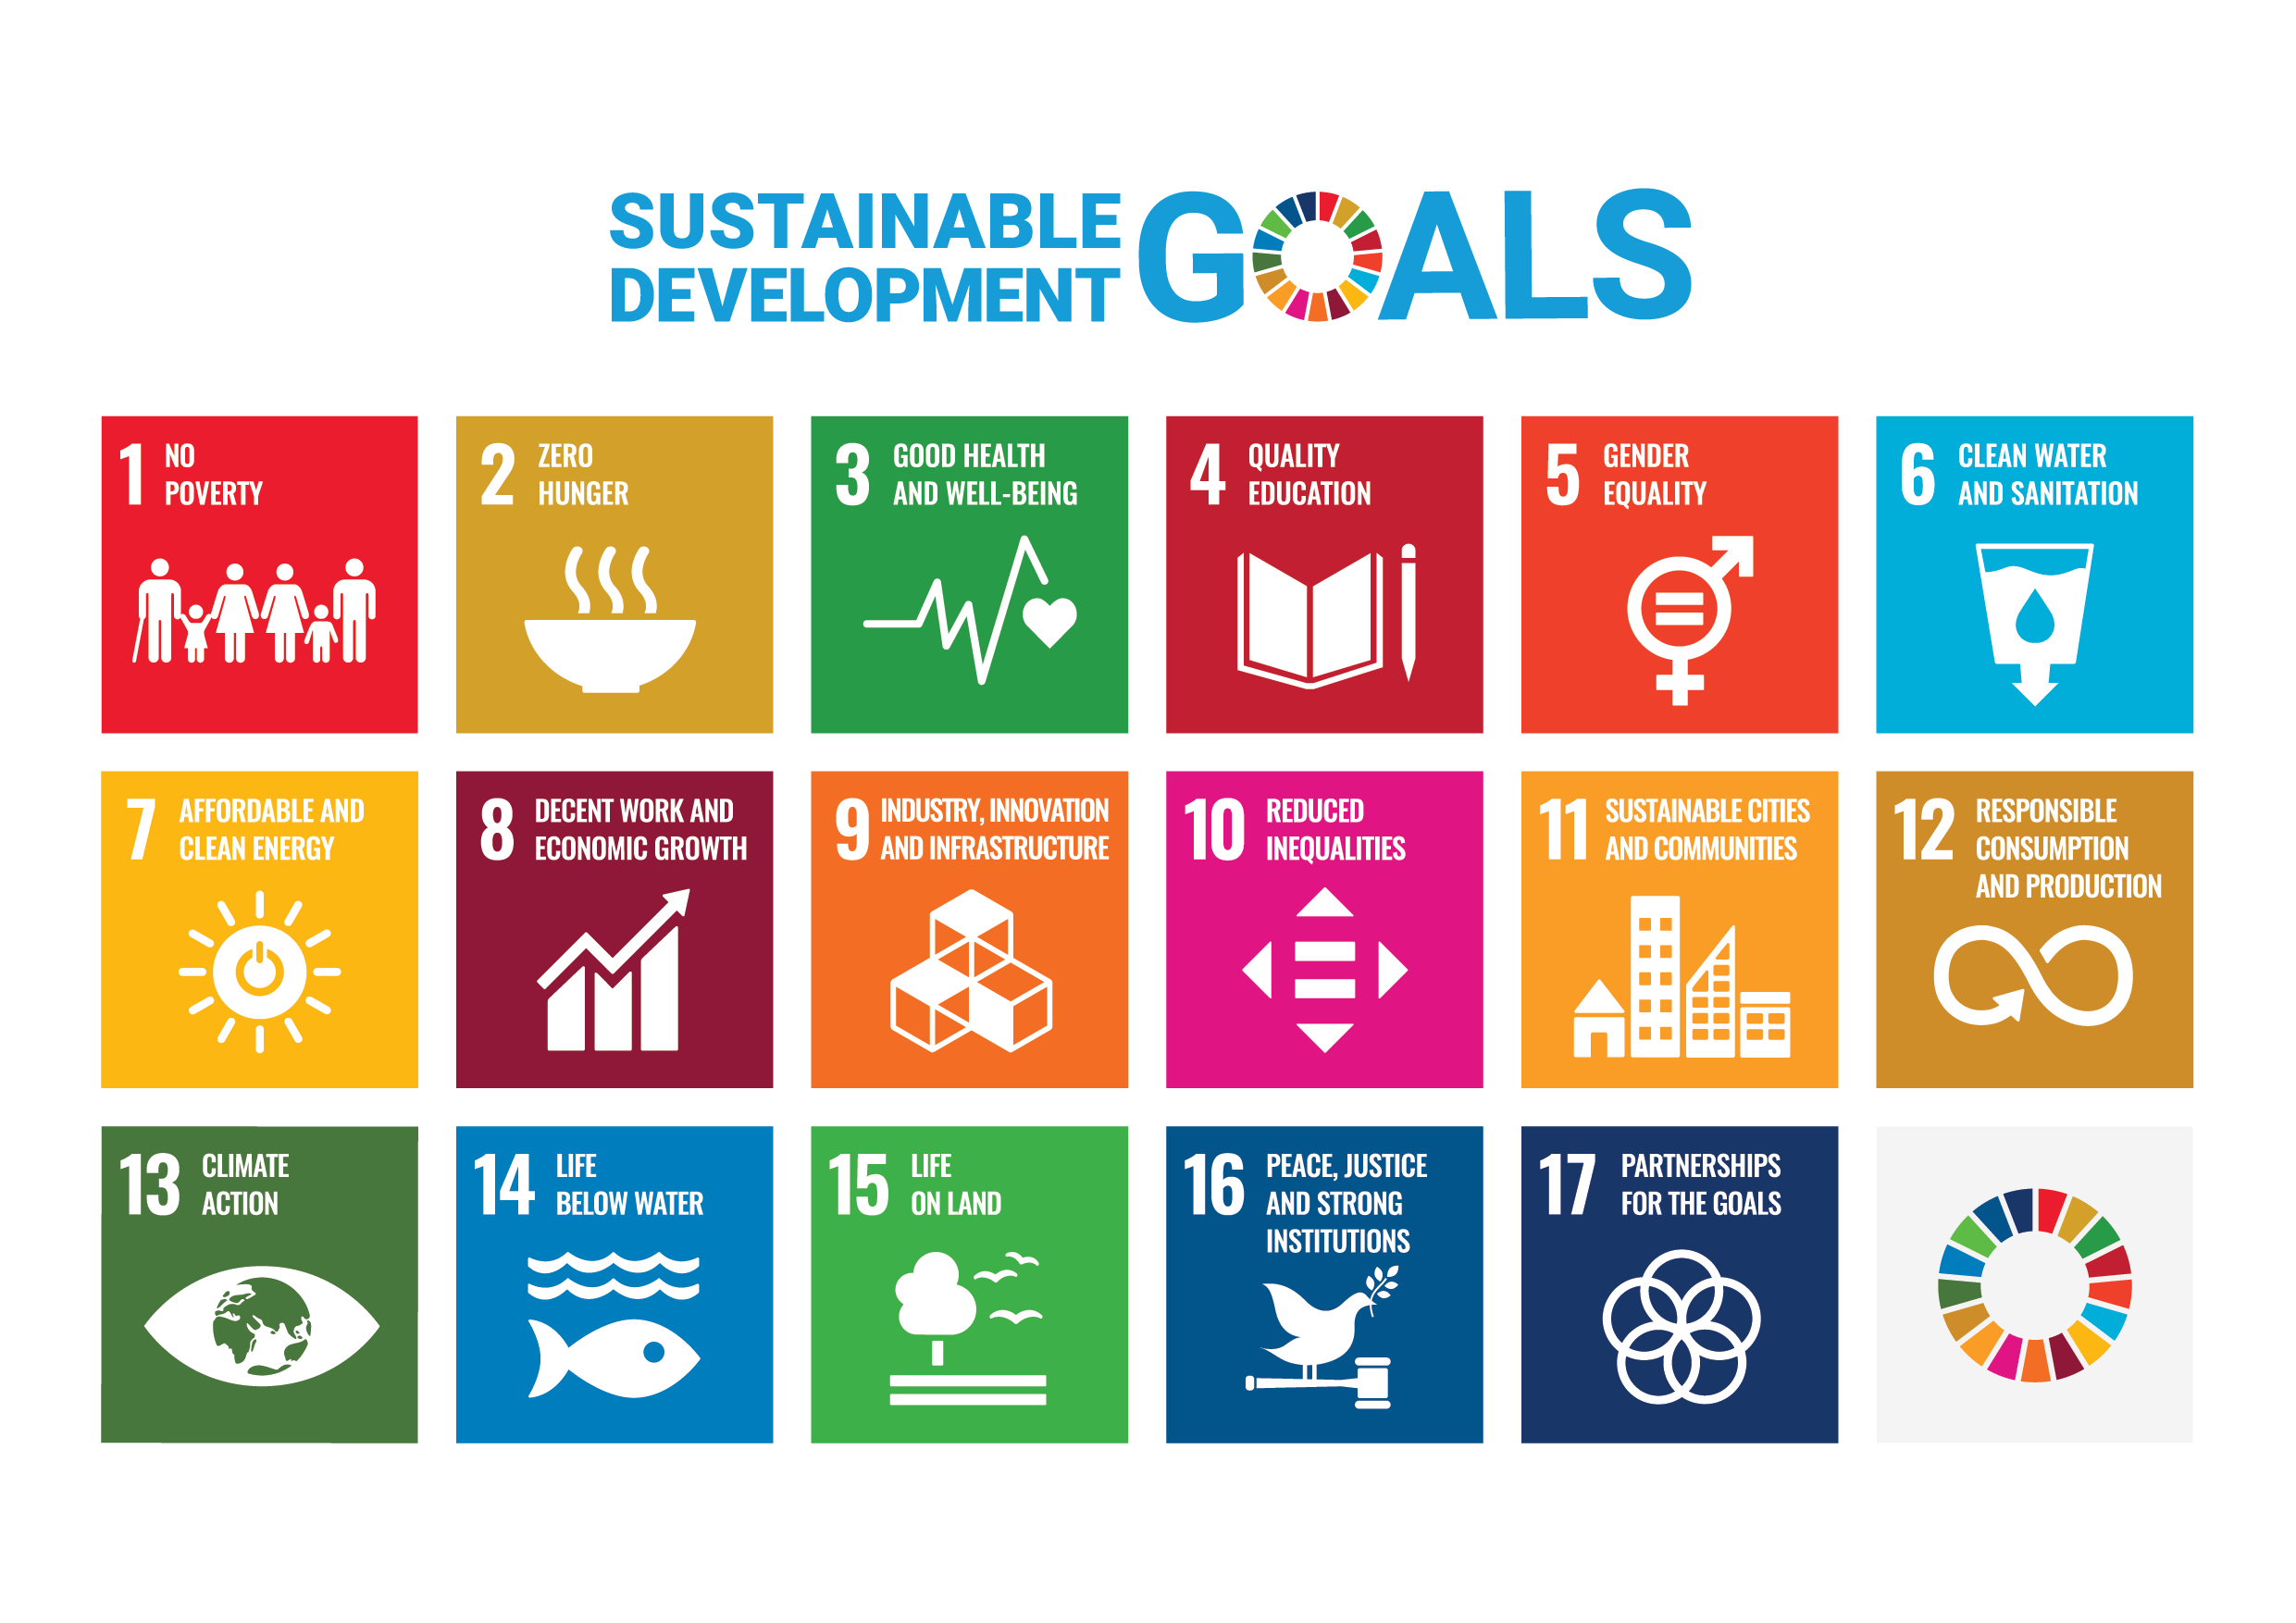 Icons of the 17 UN SDGs